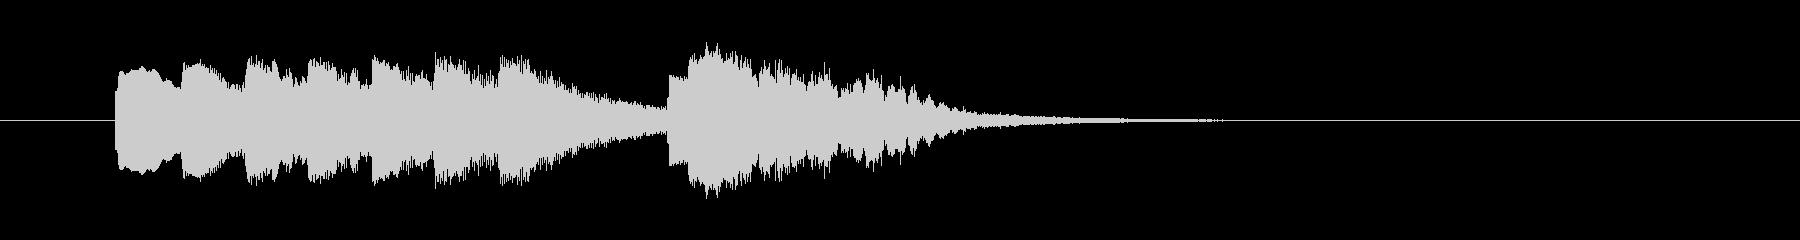 鉄琴とコーラス 明るくさわやかなジングルの未再生の波形